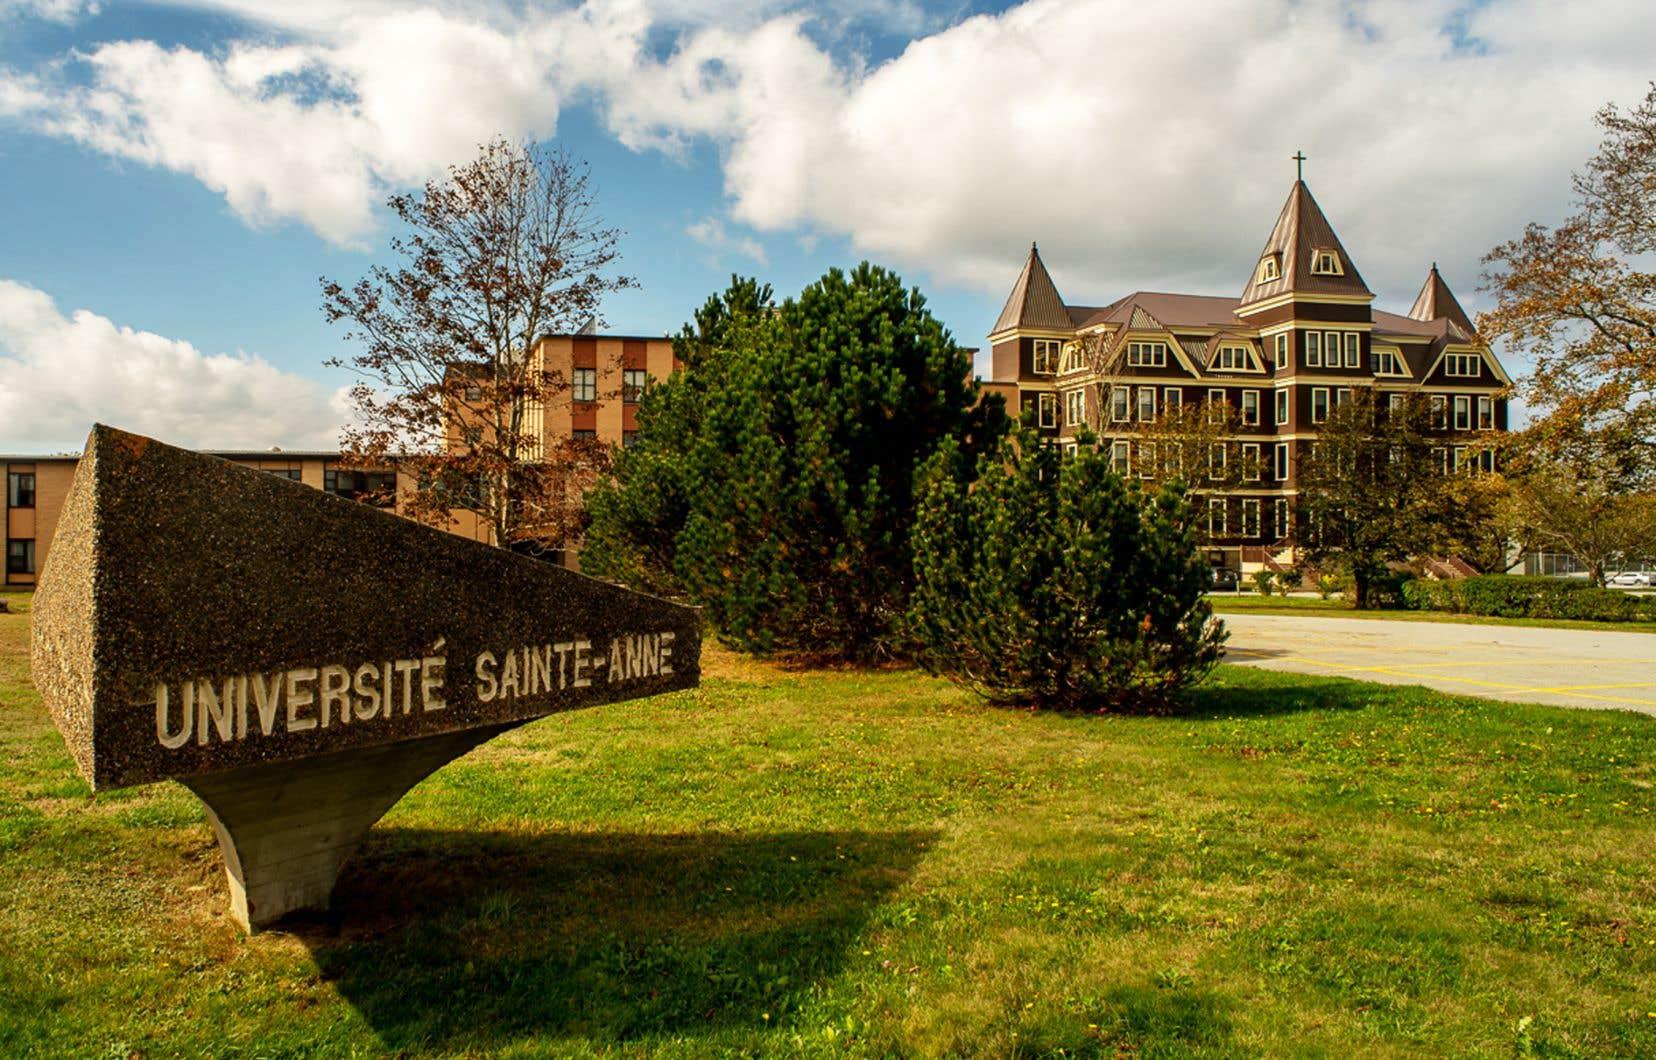 Située à Pointe-de-l'Église, en Nouvelle-Écosse, l'Université Sainte-Anne est une université canadienne francophone.